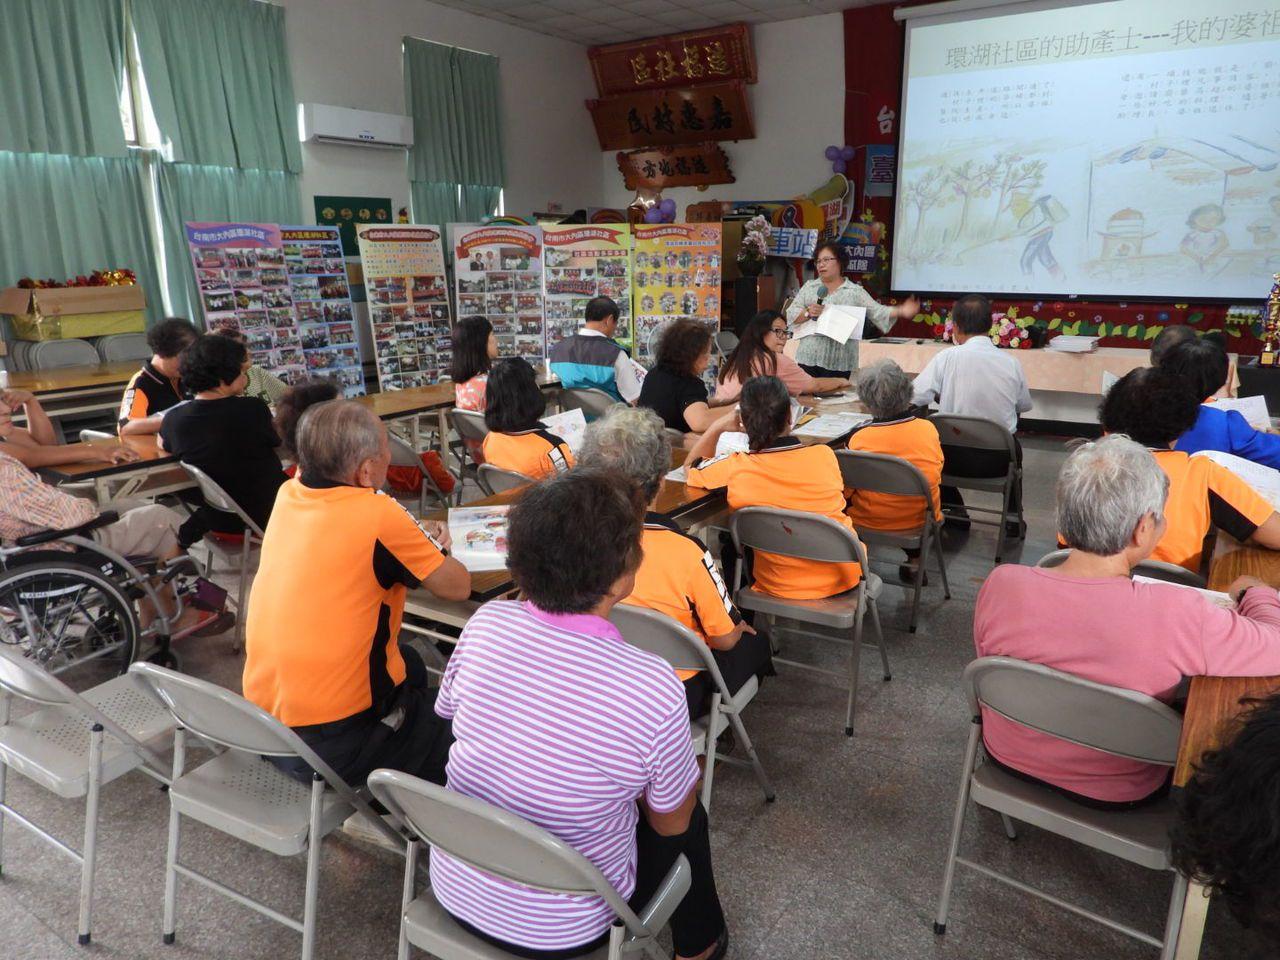 台南市大內區99歲接生婆楊許寶秀故事,今天新書發表場面感人。記者周宗禎/攝影